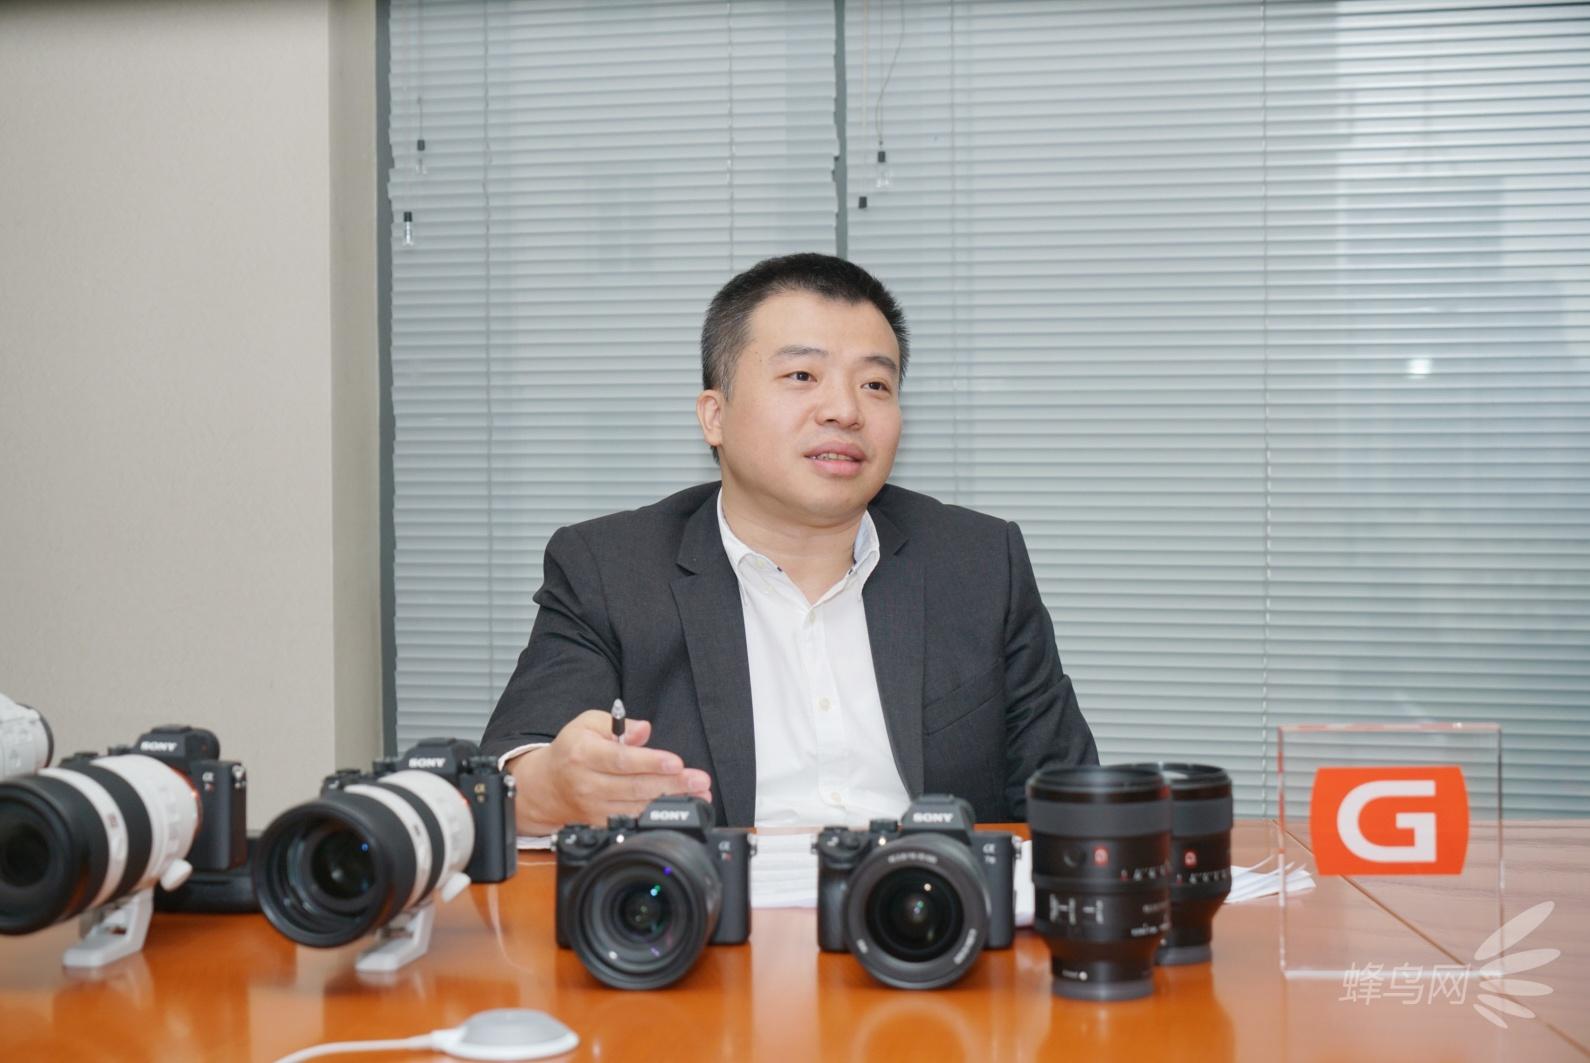 引领全画幅微单战国时代 专访索尼总监李暾